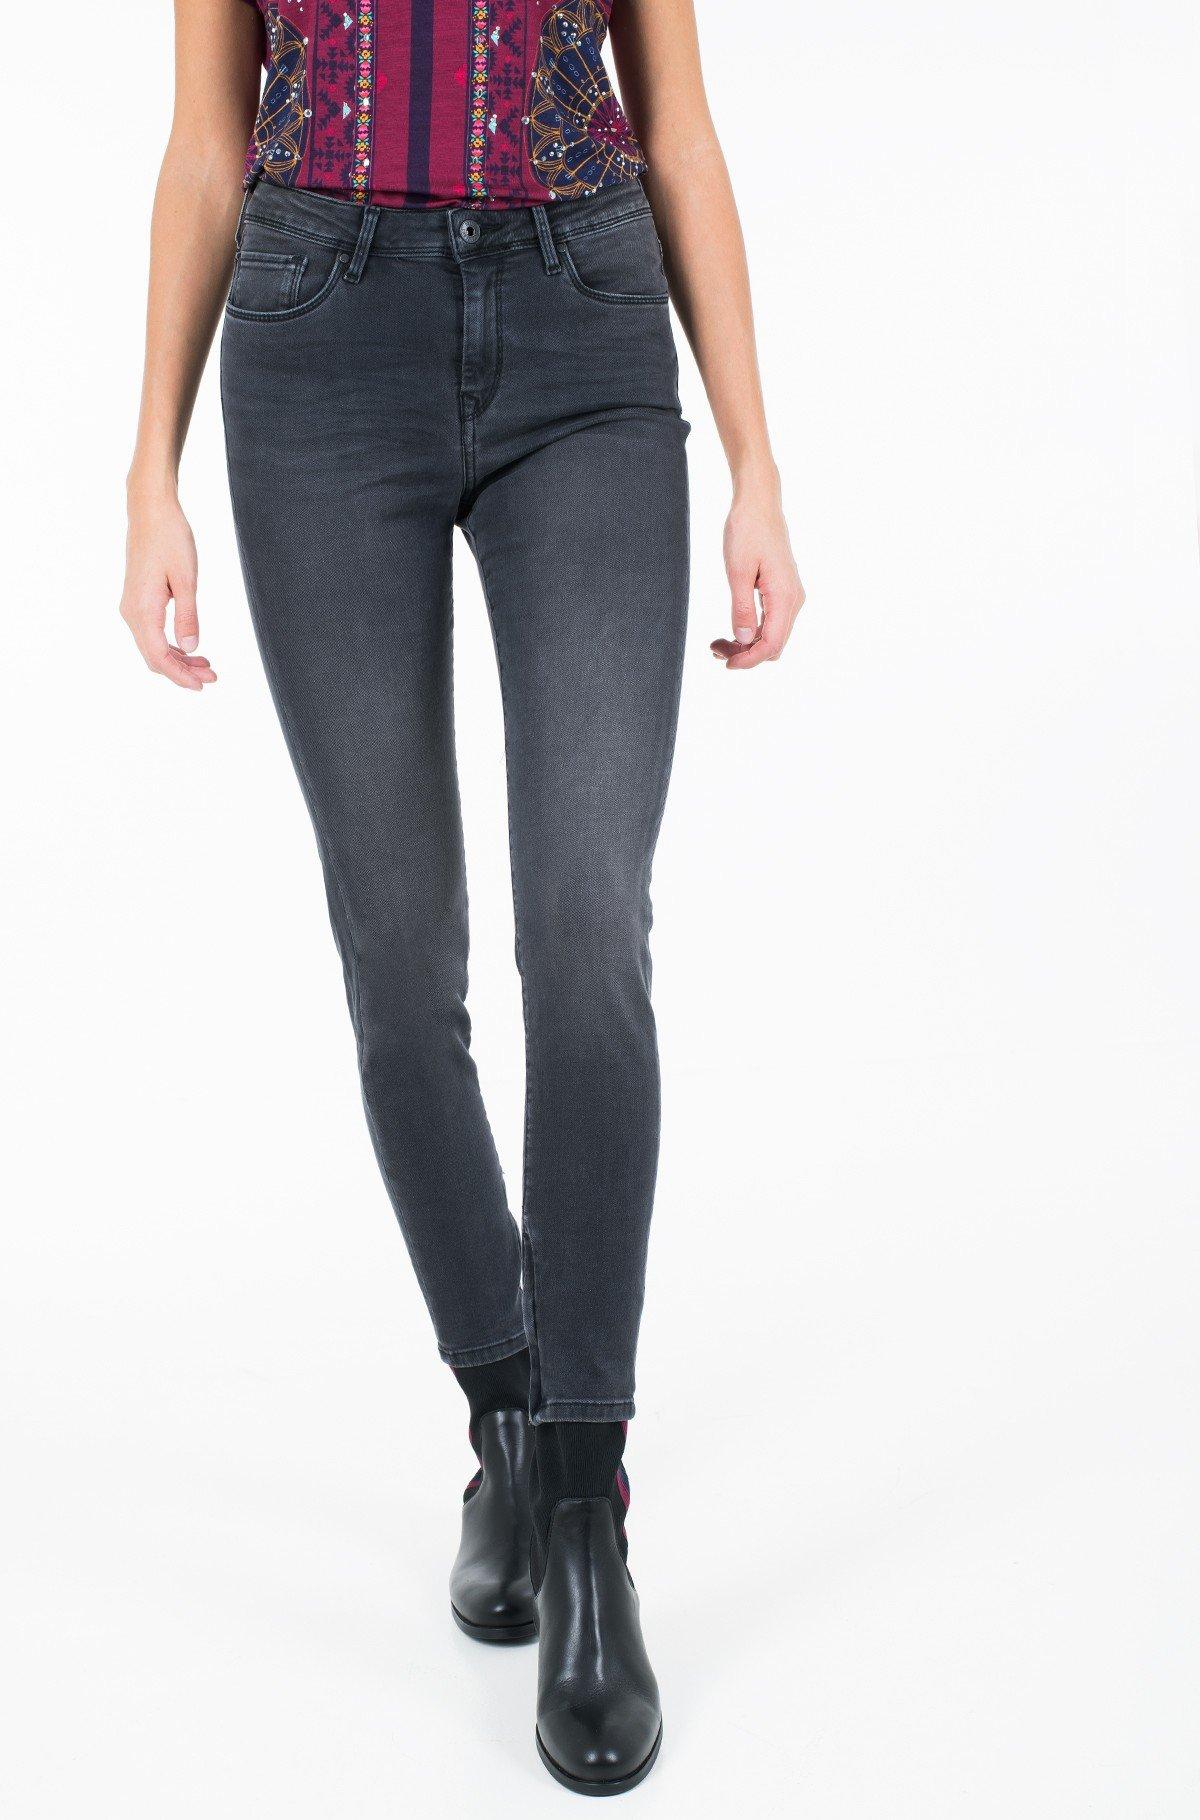 Jeans CHER HIGH/PL203384XA1-full-1